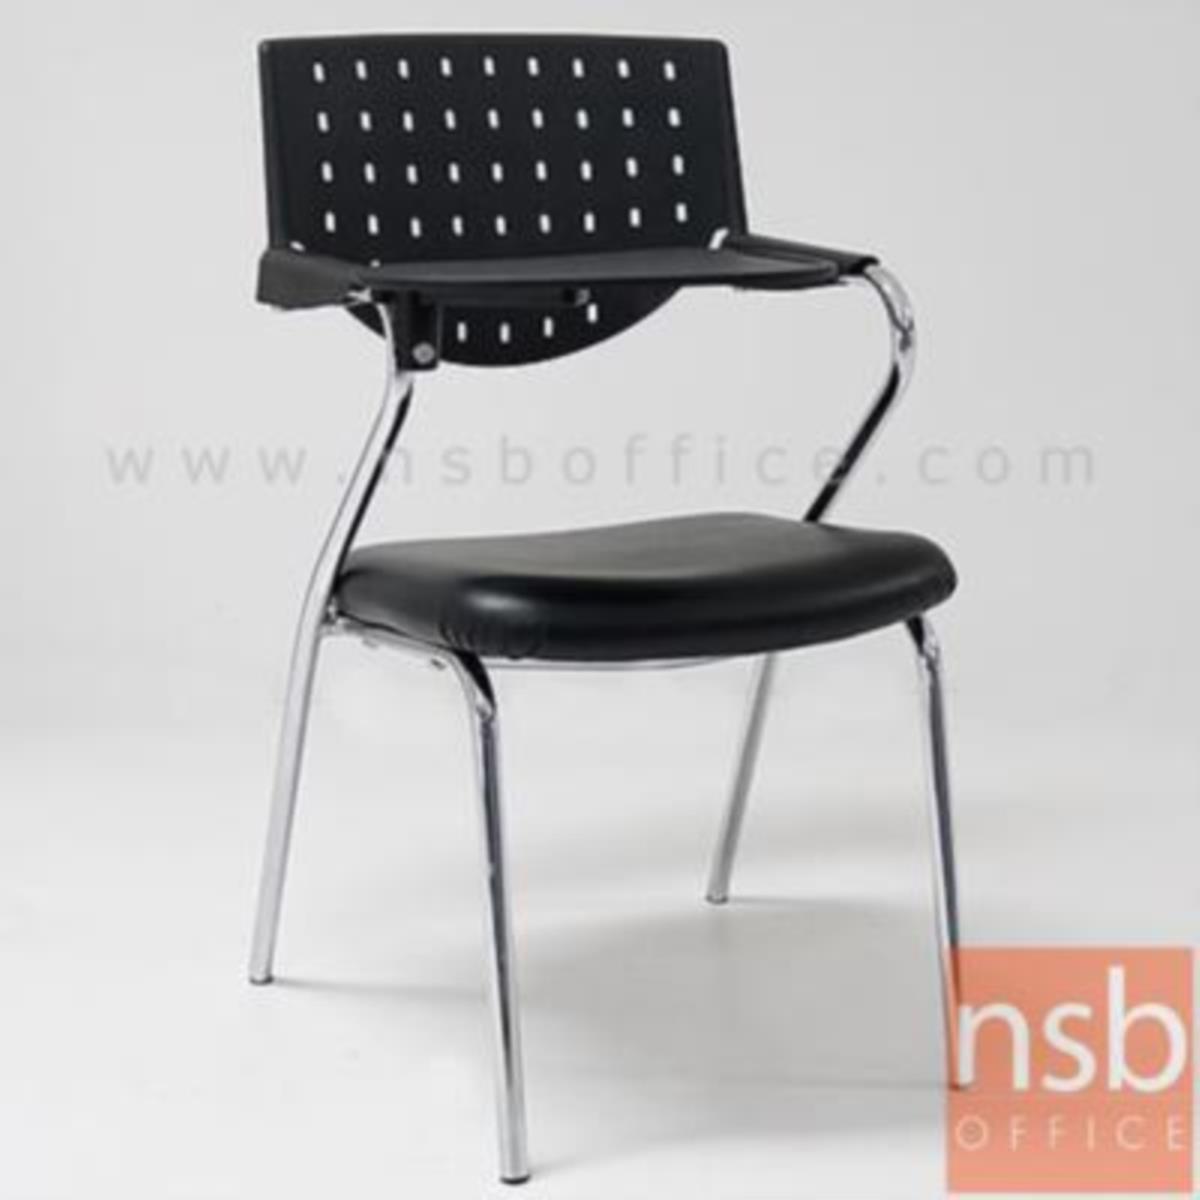 เก้าอี้เลคเชอร์เฟรมโพลี่ รุ่น Attlee (แอตต์ลี) ขาเหล็กชุบโครเมี่ยม